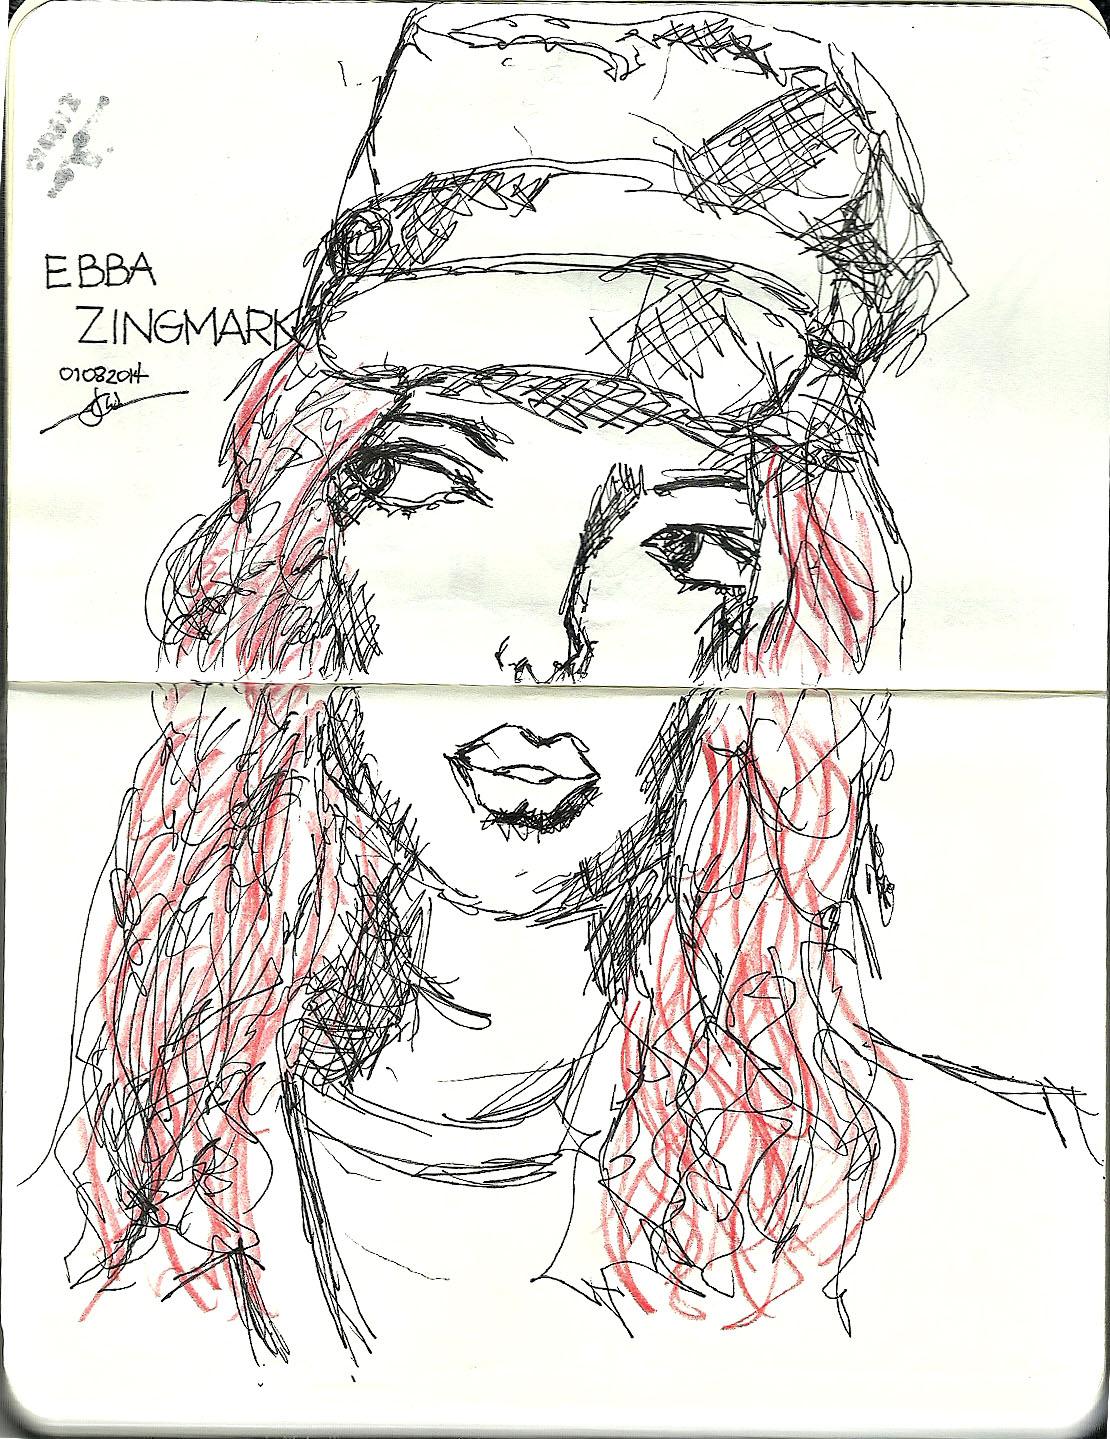 02 Ebba Zingmark